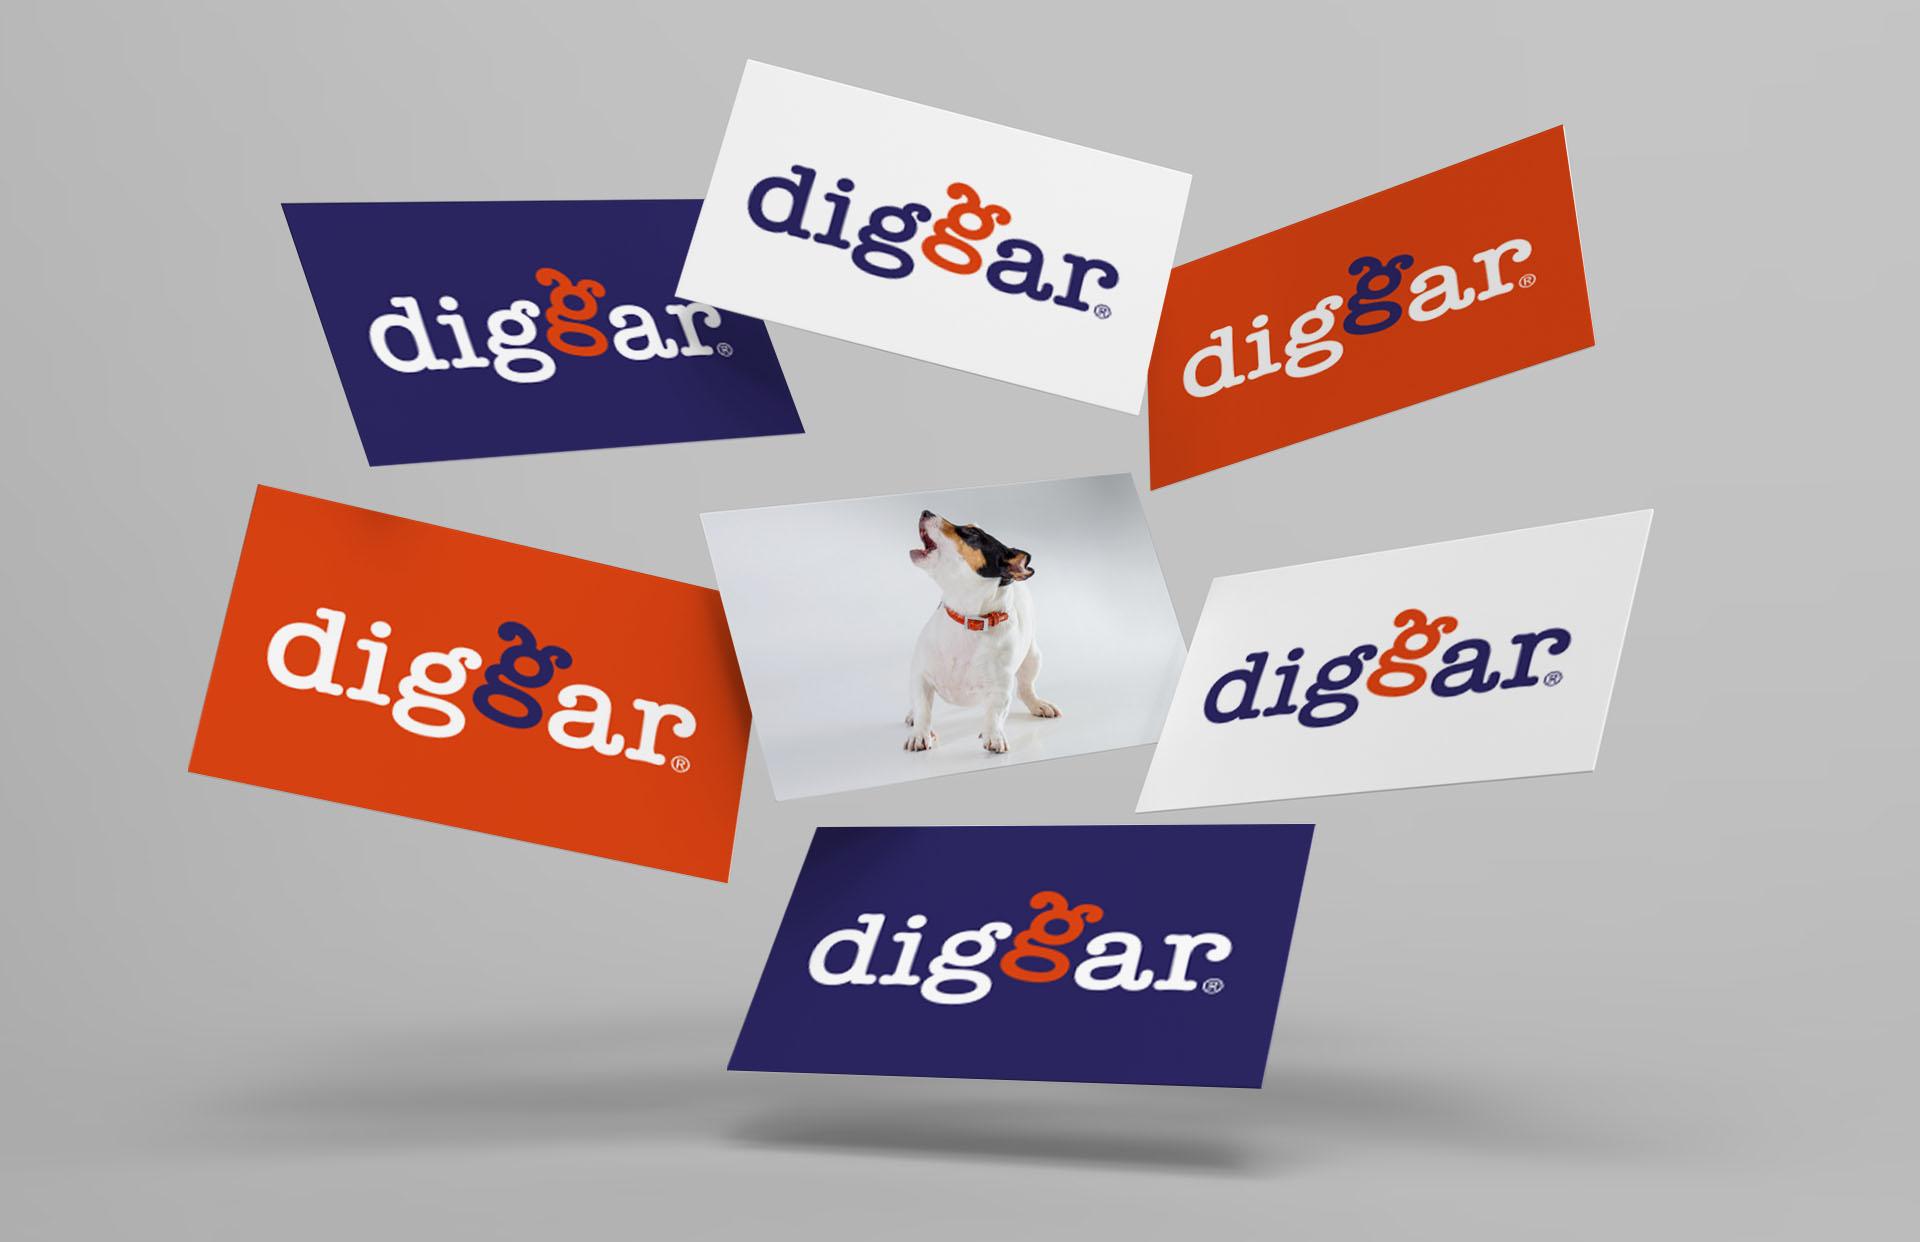 diggar logo 04 - Ein Logo mit Wau-Effekt – Corporate Design, Logoentwicklung, Grafikdesign, Kommunikationsdesign, Branding